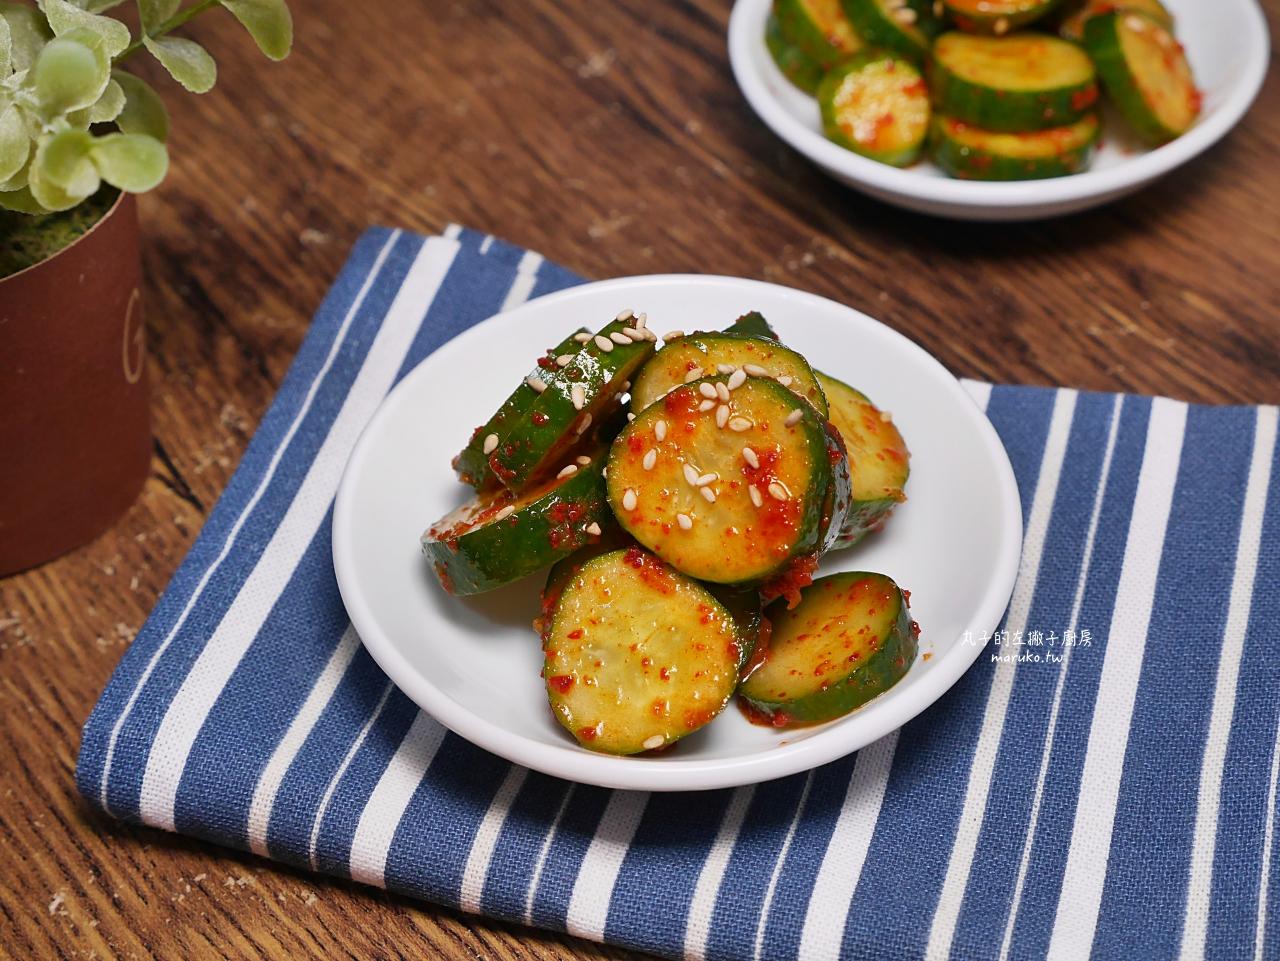 【食譜】韓式食譜|10道經典韓國料理在家就能輕鬆做韓國美食(2021.5更新) @Maruko與美食有個約會